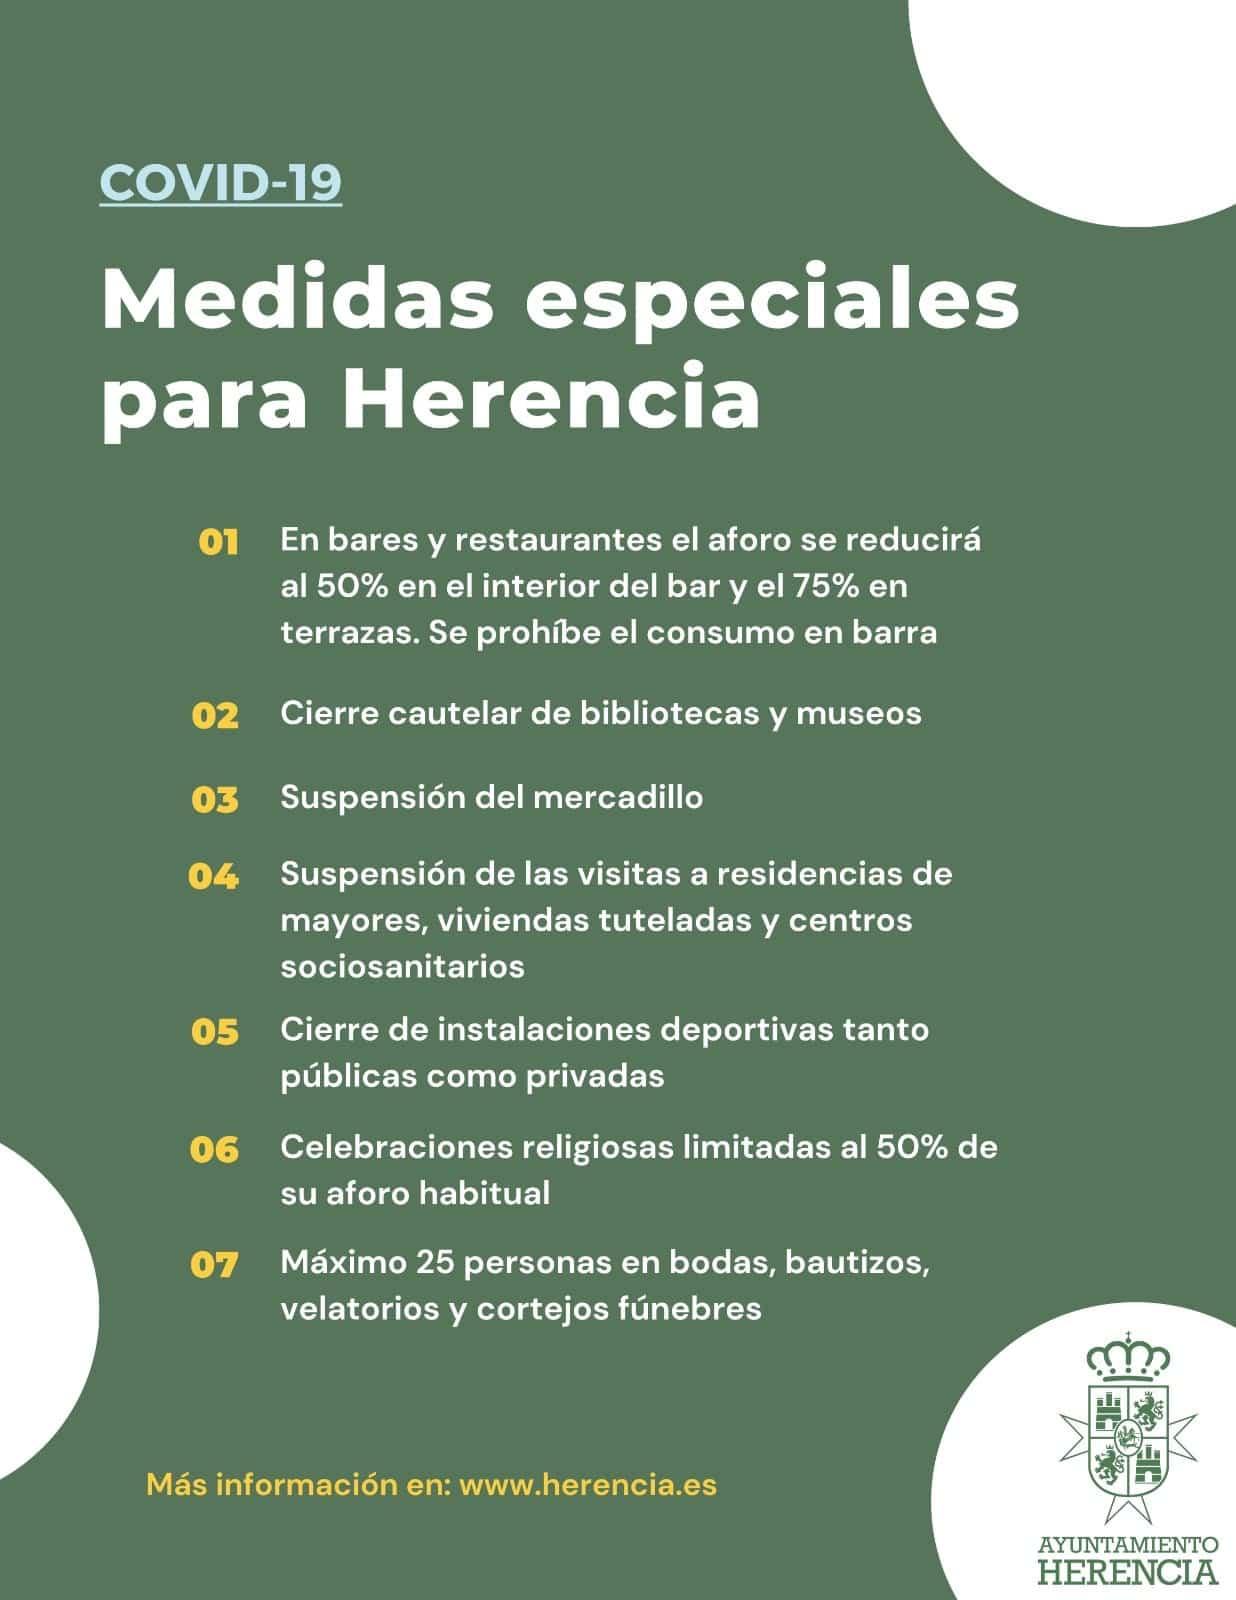 Resumen de las medidas especiales contra el Covid-19 en Herencia 3